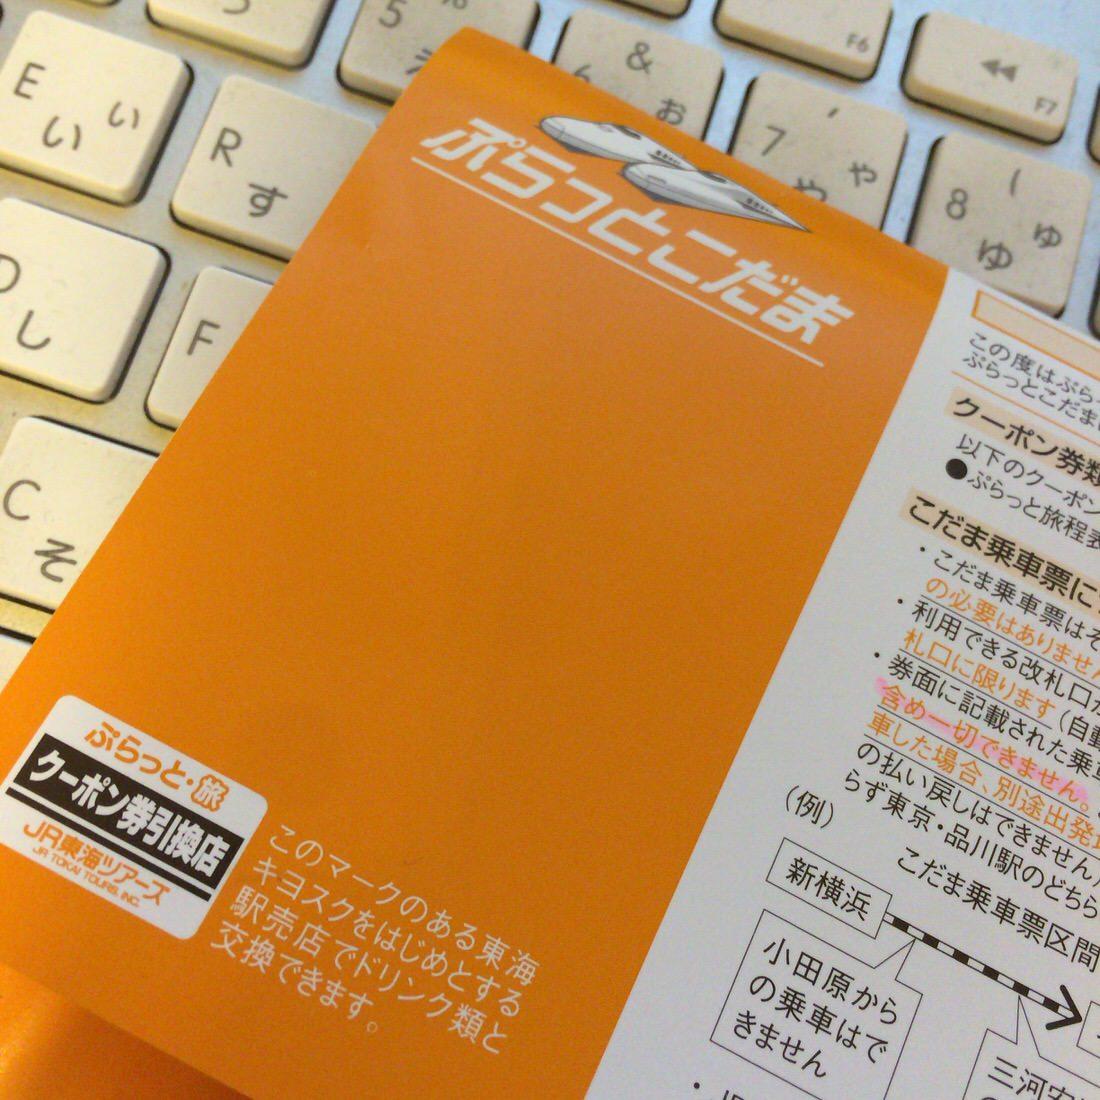 ぷらっとこだまをJR東海ツアーズで予約してきました。